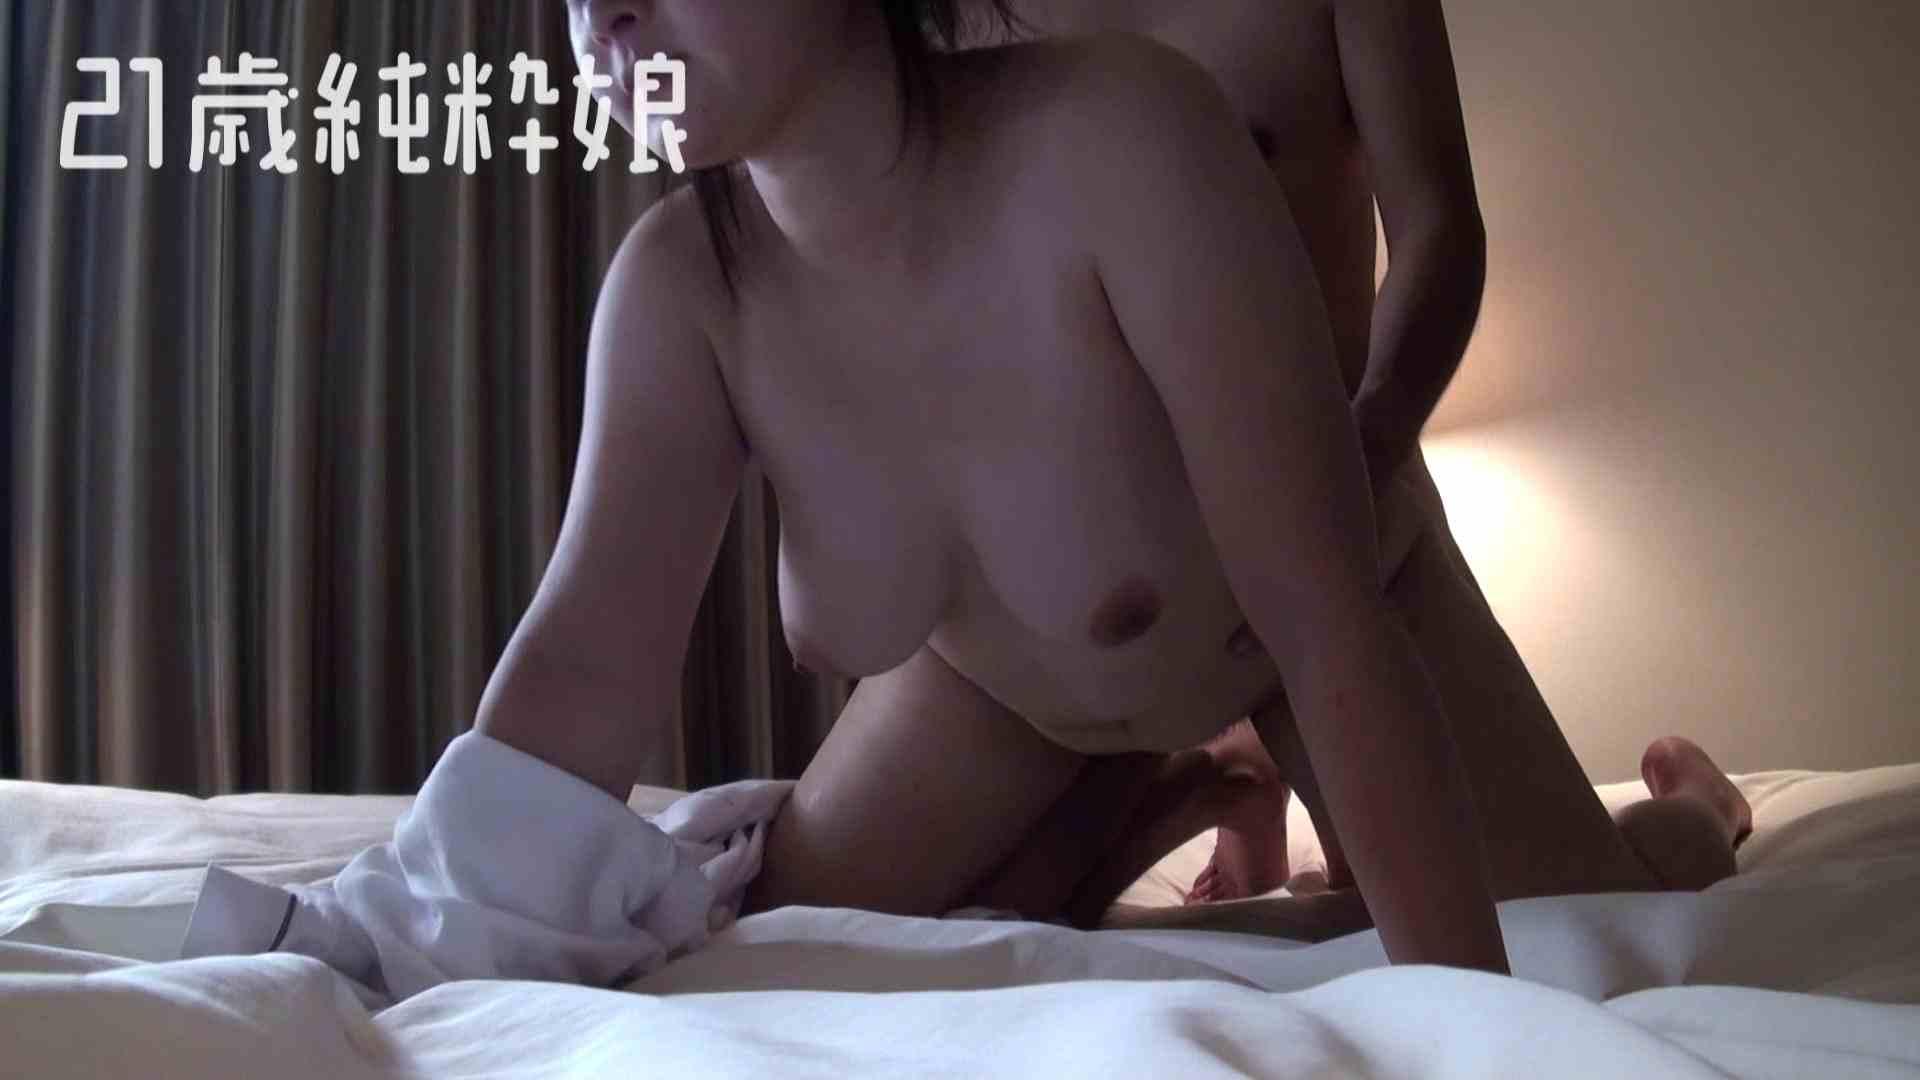 上京したばかりのGカップ21歳純粋嬢を都合の良い女にしてみた2 中出し   全裸  50pic 49